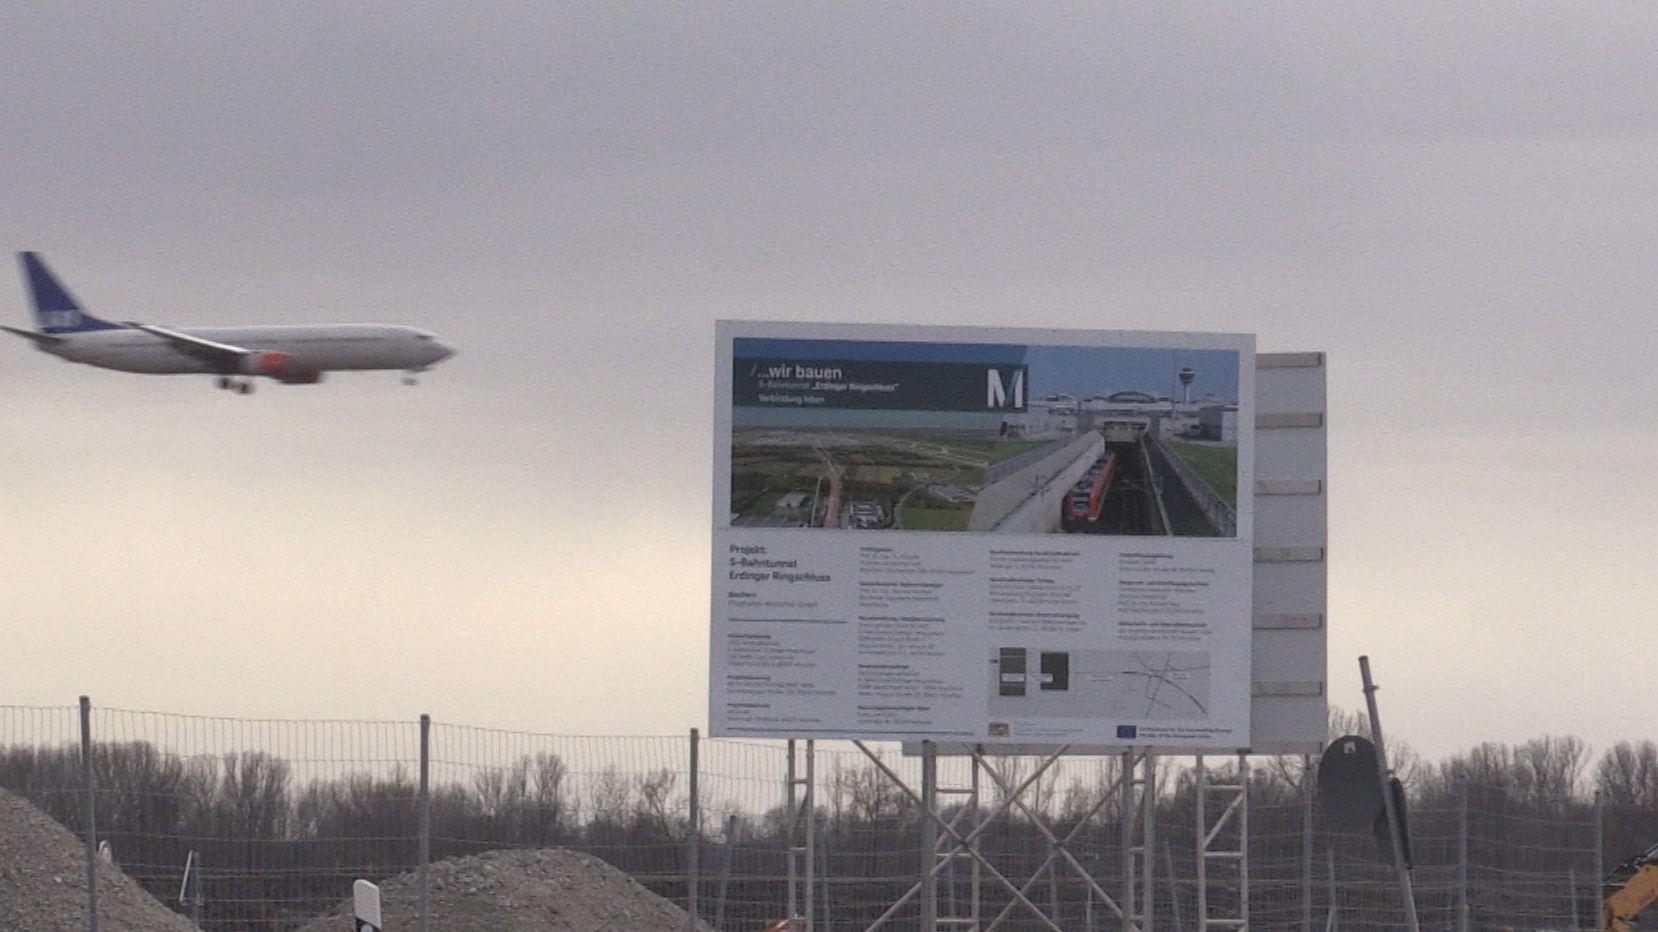 Plakat zum Ringschluss am Flughafen